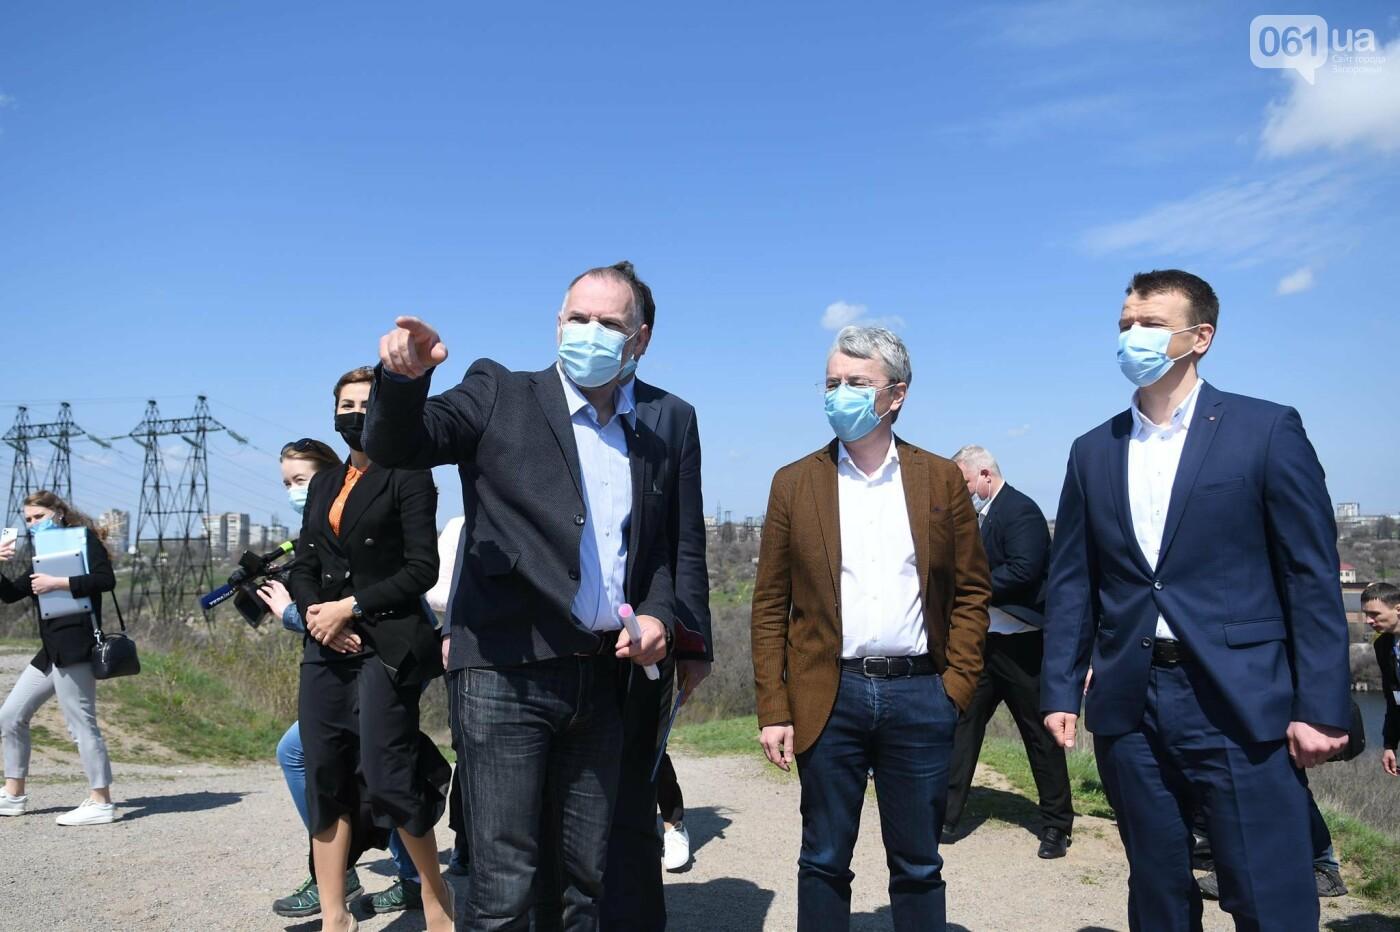 Министр культуры назвал сроки реконструкции кургана на Хортице - как будет выглядеть объект, - ФОТО, фото-12